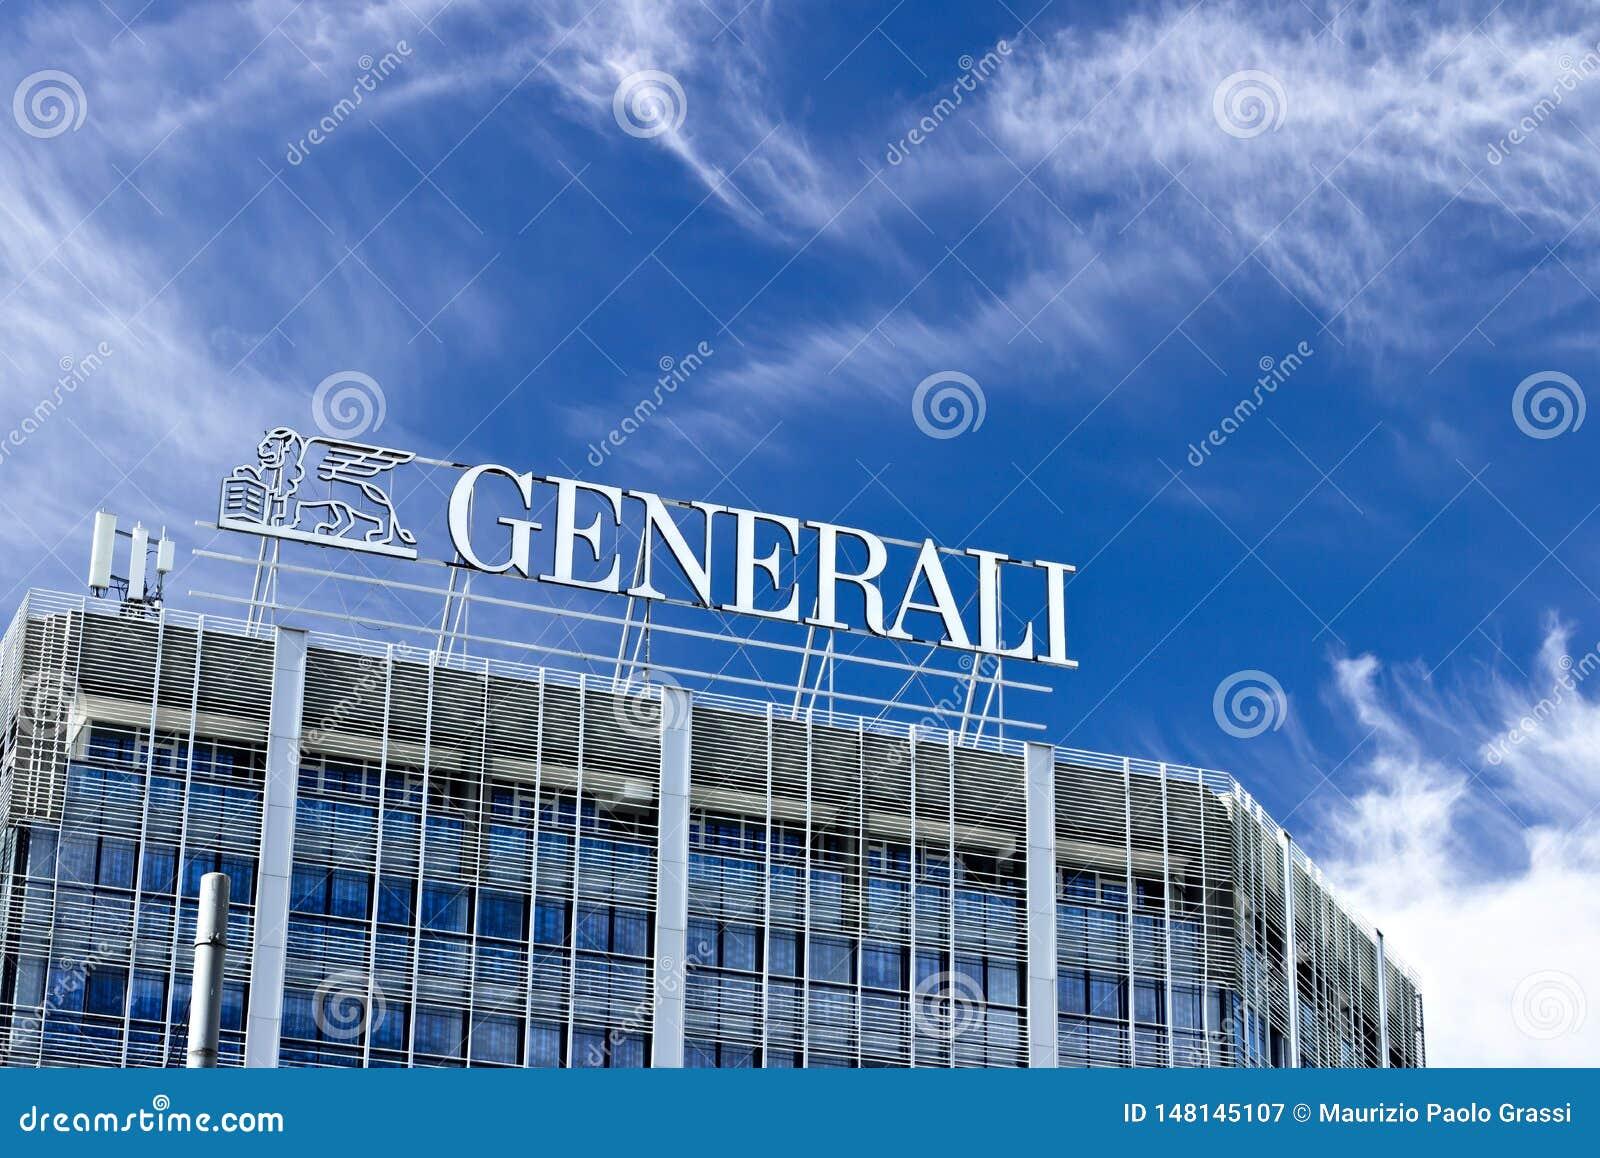 Palazzo和Assicurazioni热内拉利签到米兰 天空蔚蓝是意大利保险公司的背景